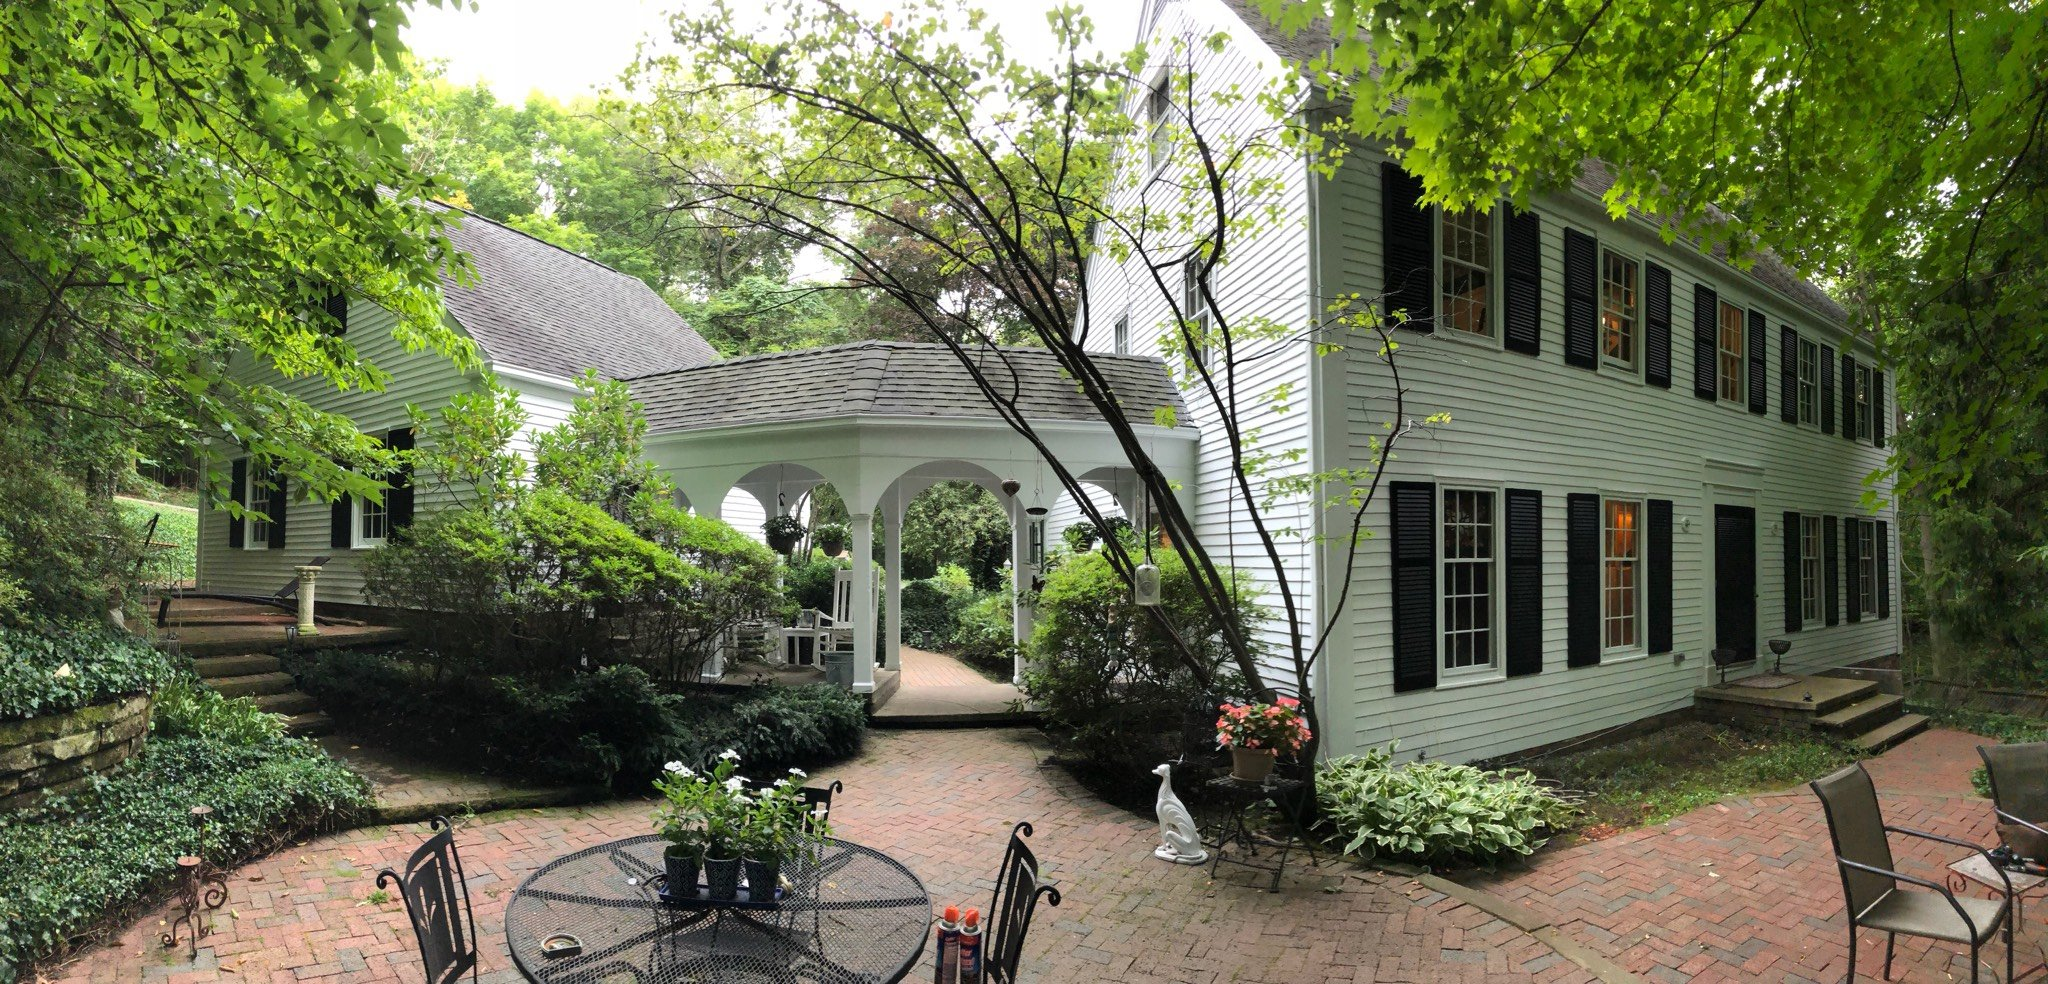 chagrin-falls-exterior-home-paint-contractors-professional